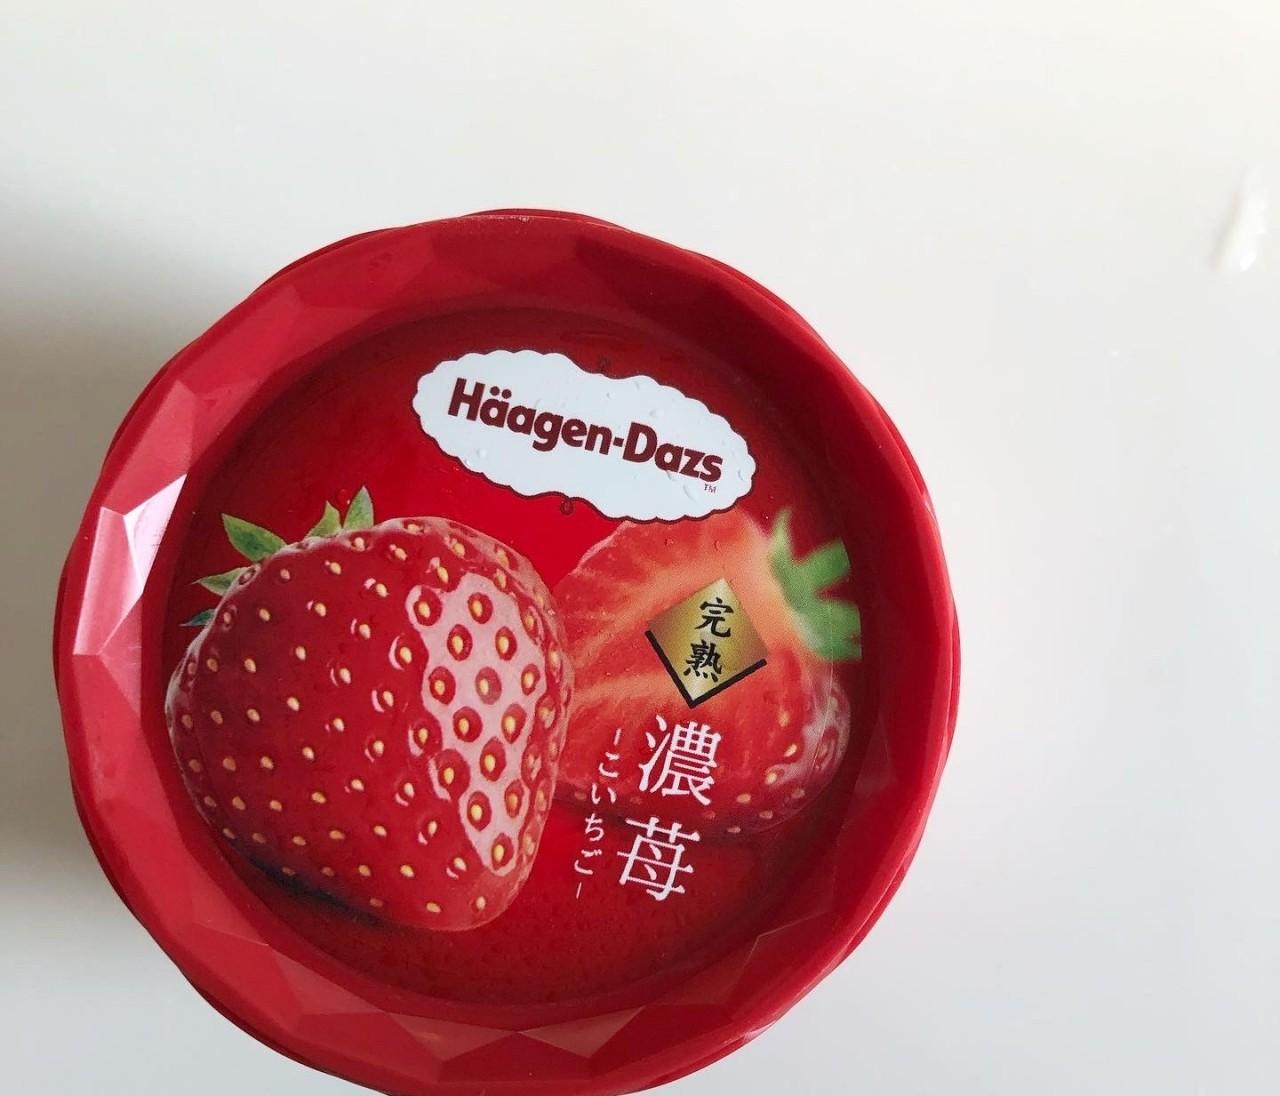 今日発売!ハーゲンダッツ「濃苺」前日に〇〇を要チェック‼︎